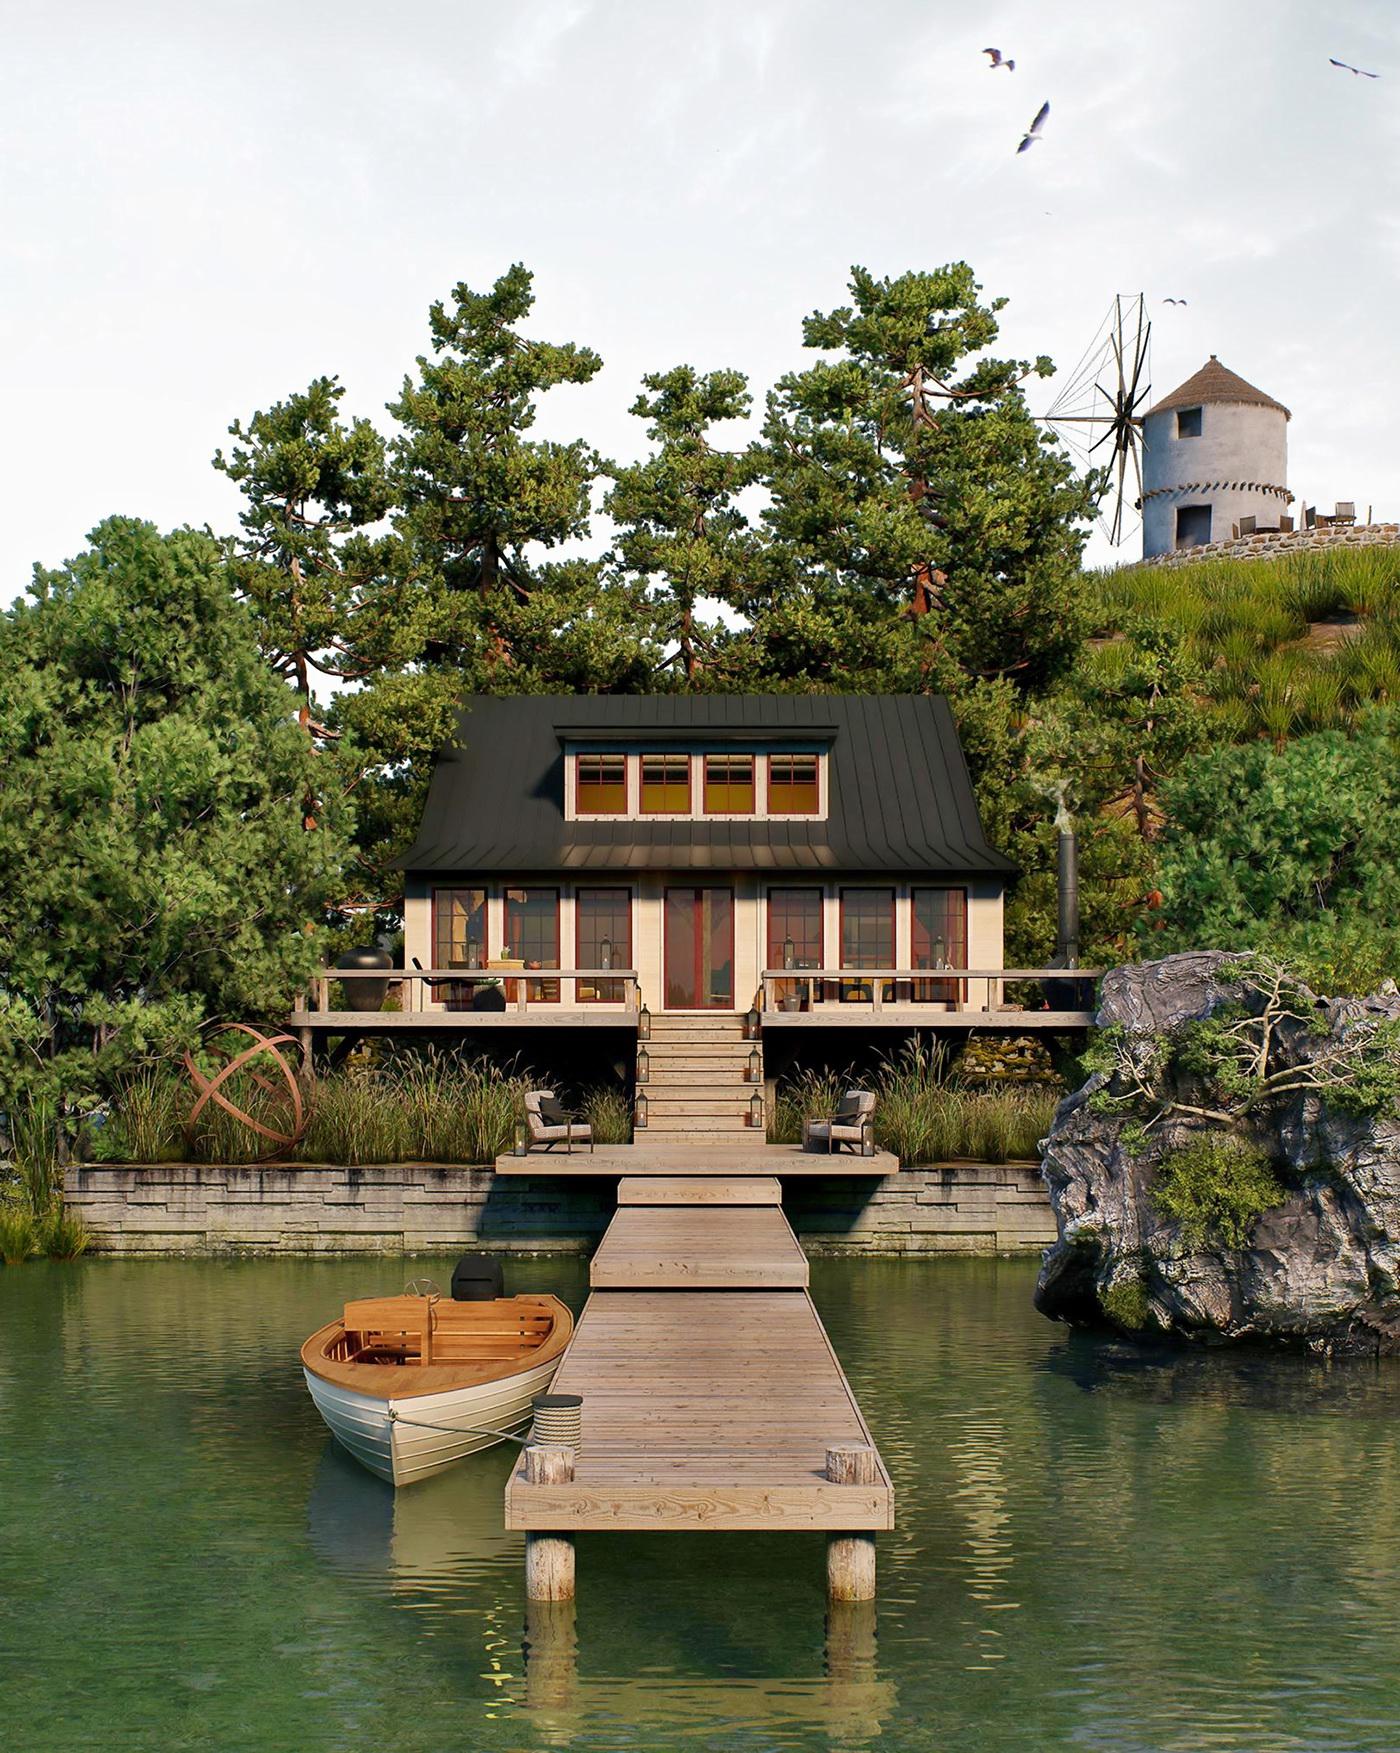 закрытого типа дом на берегу реки смотреть фото опыт наших сотрудников